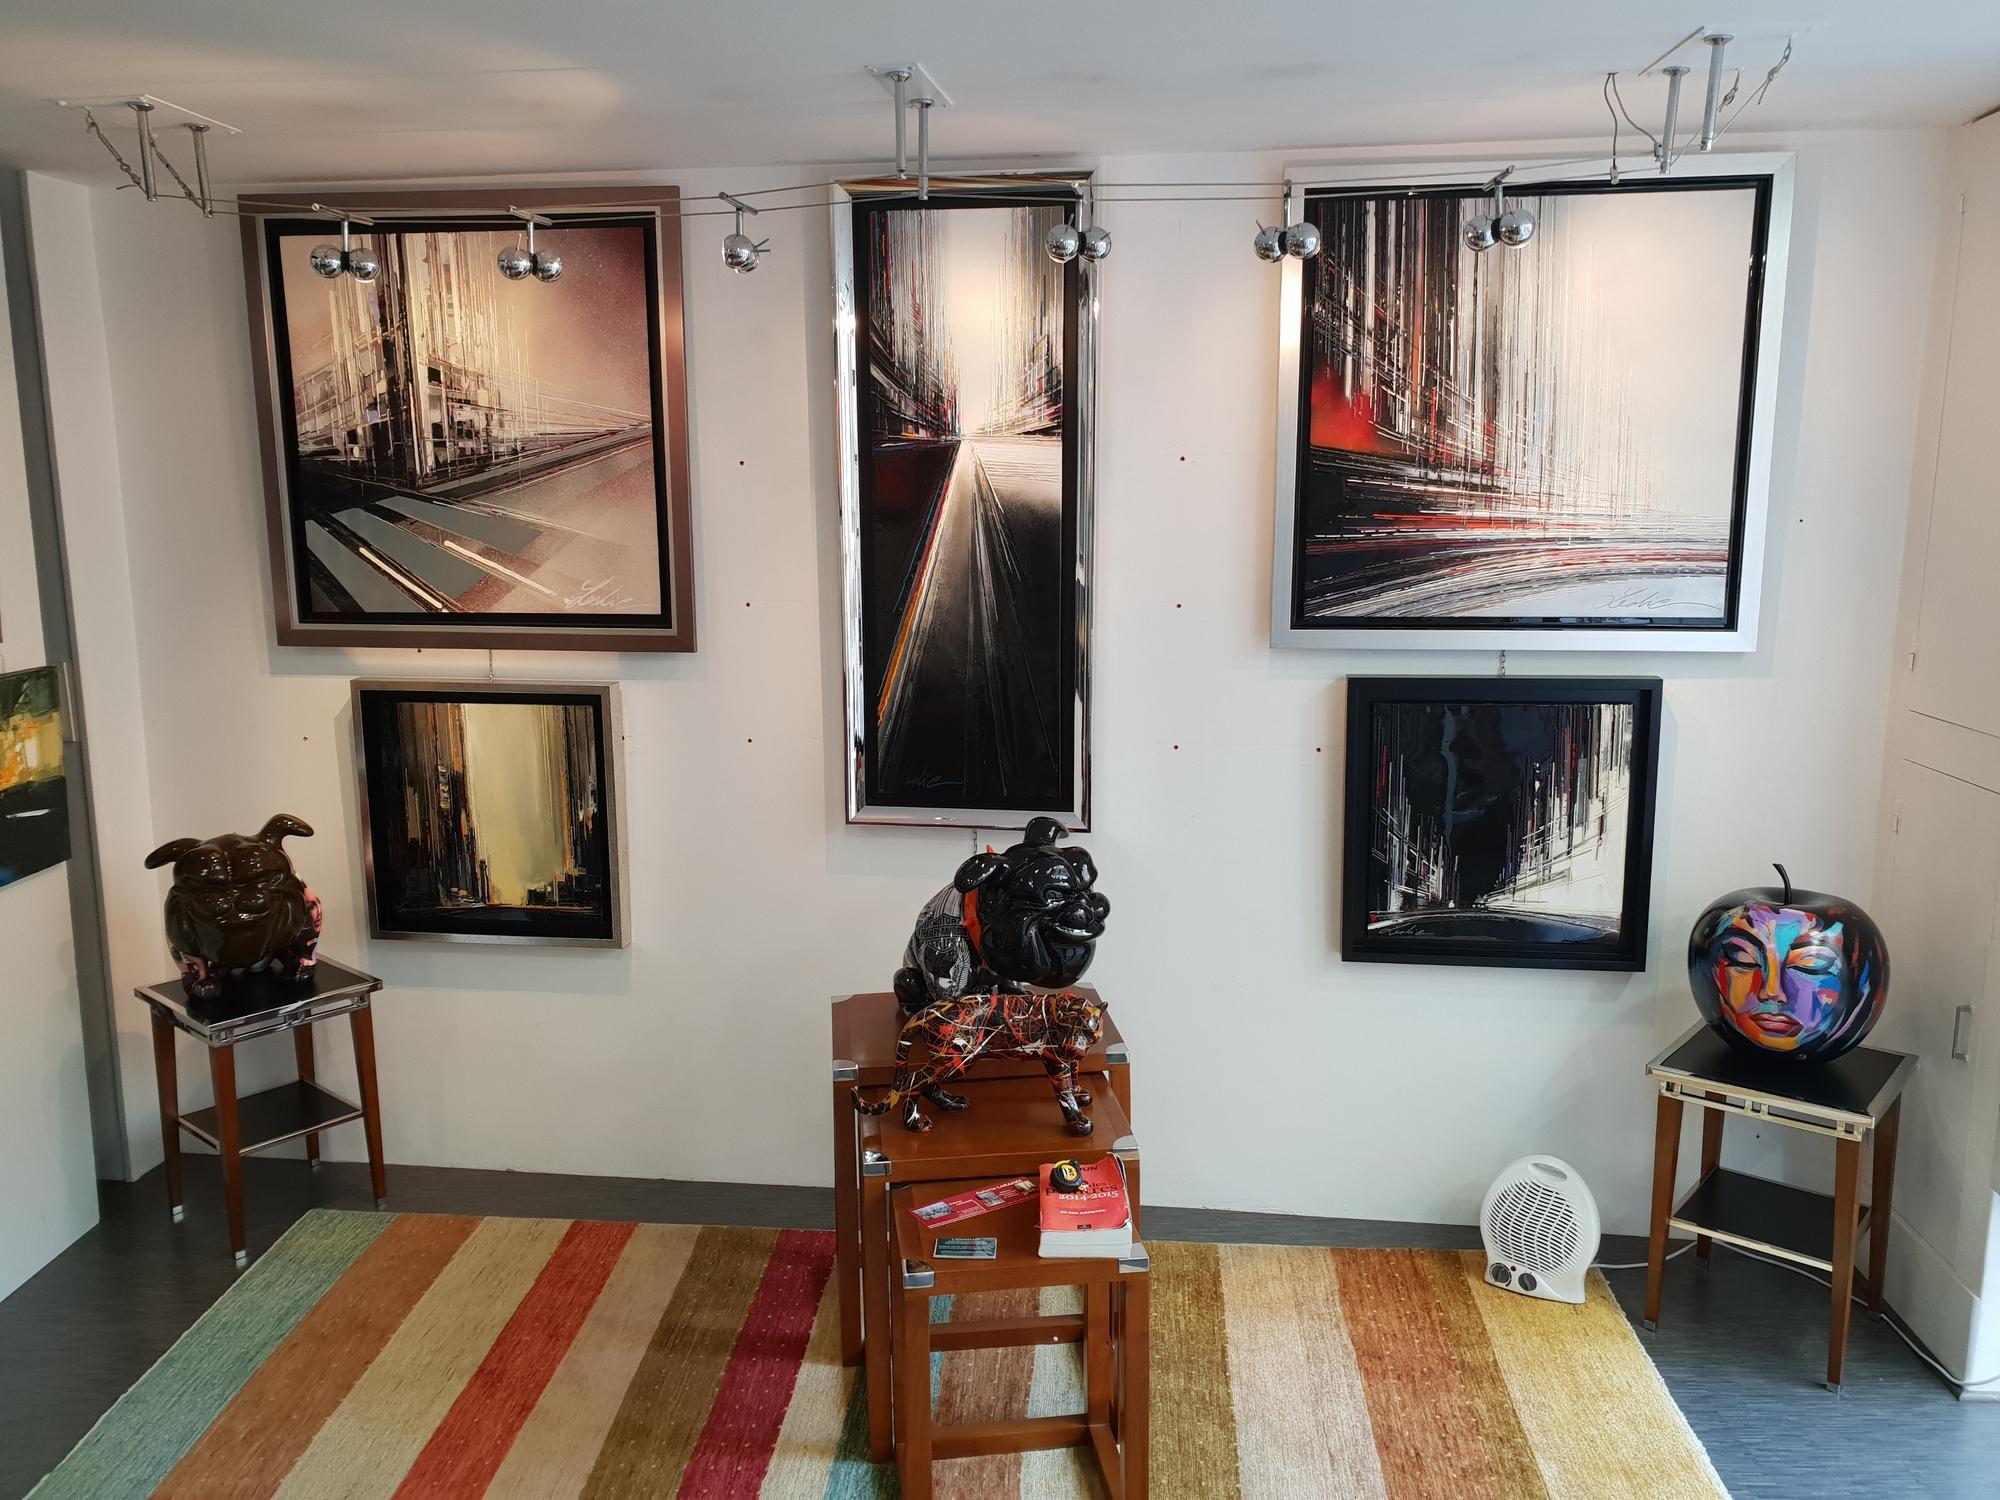 Galerie D Art Bourges galerie d'arts laramée à bourges - bourges berry tourisme